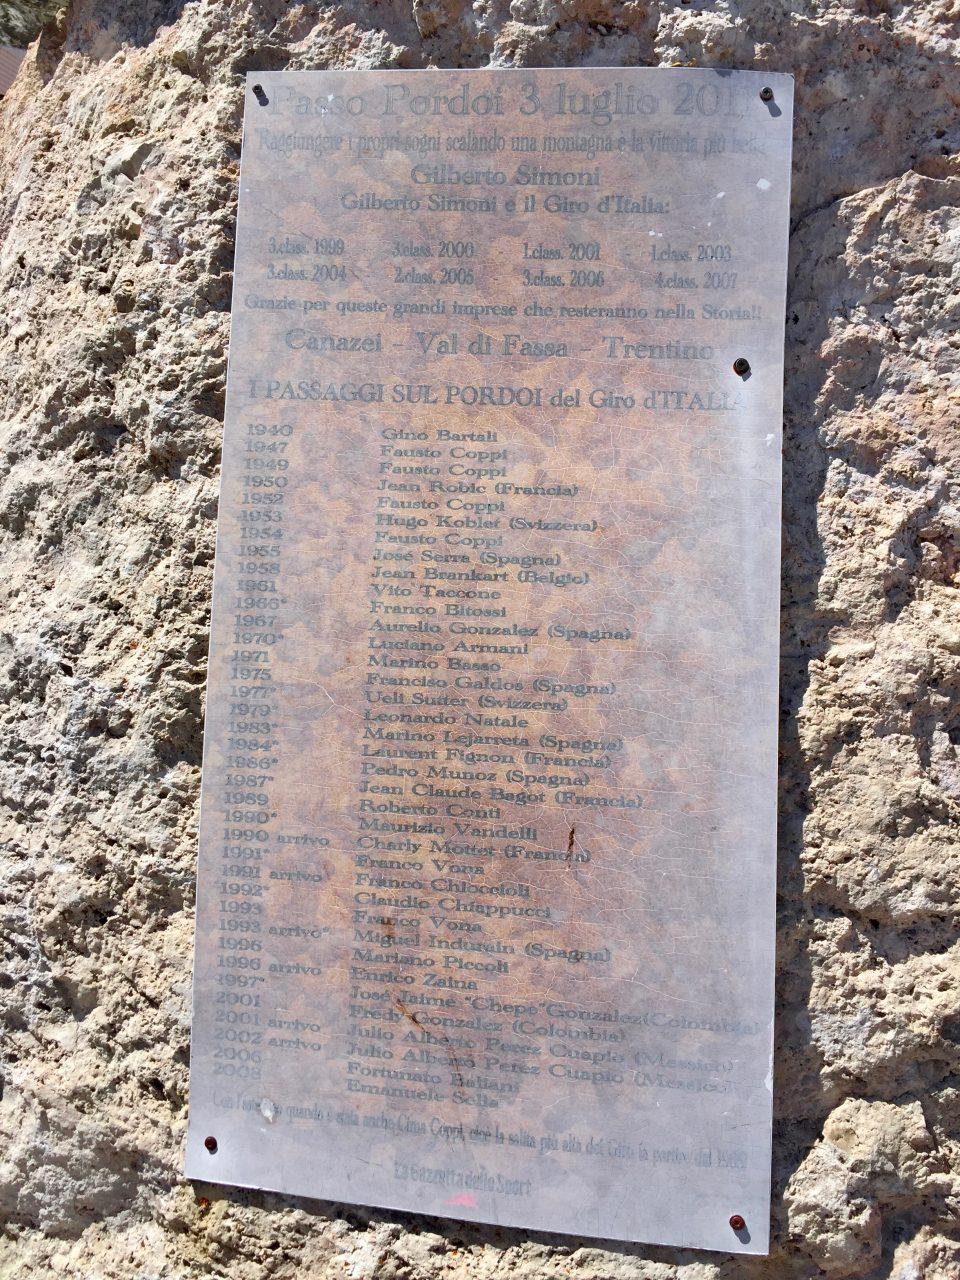 Gedenktafel Gilberto Simoni, Passo Pordoi, Dolomites, Italy